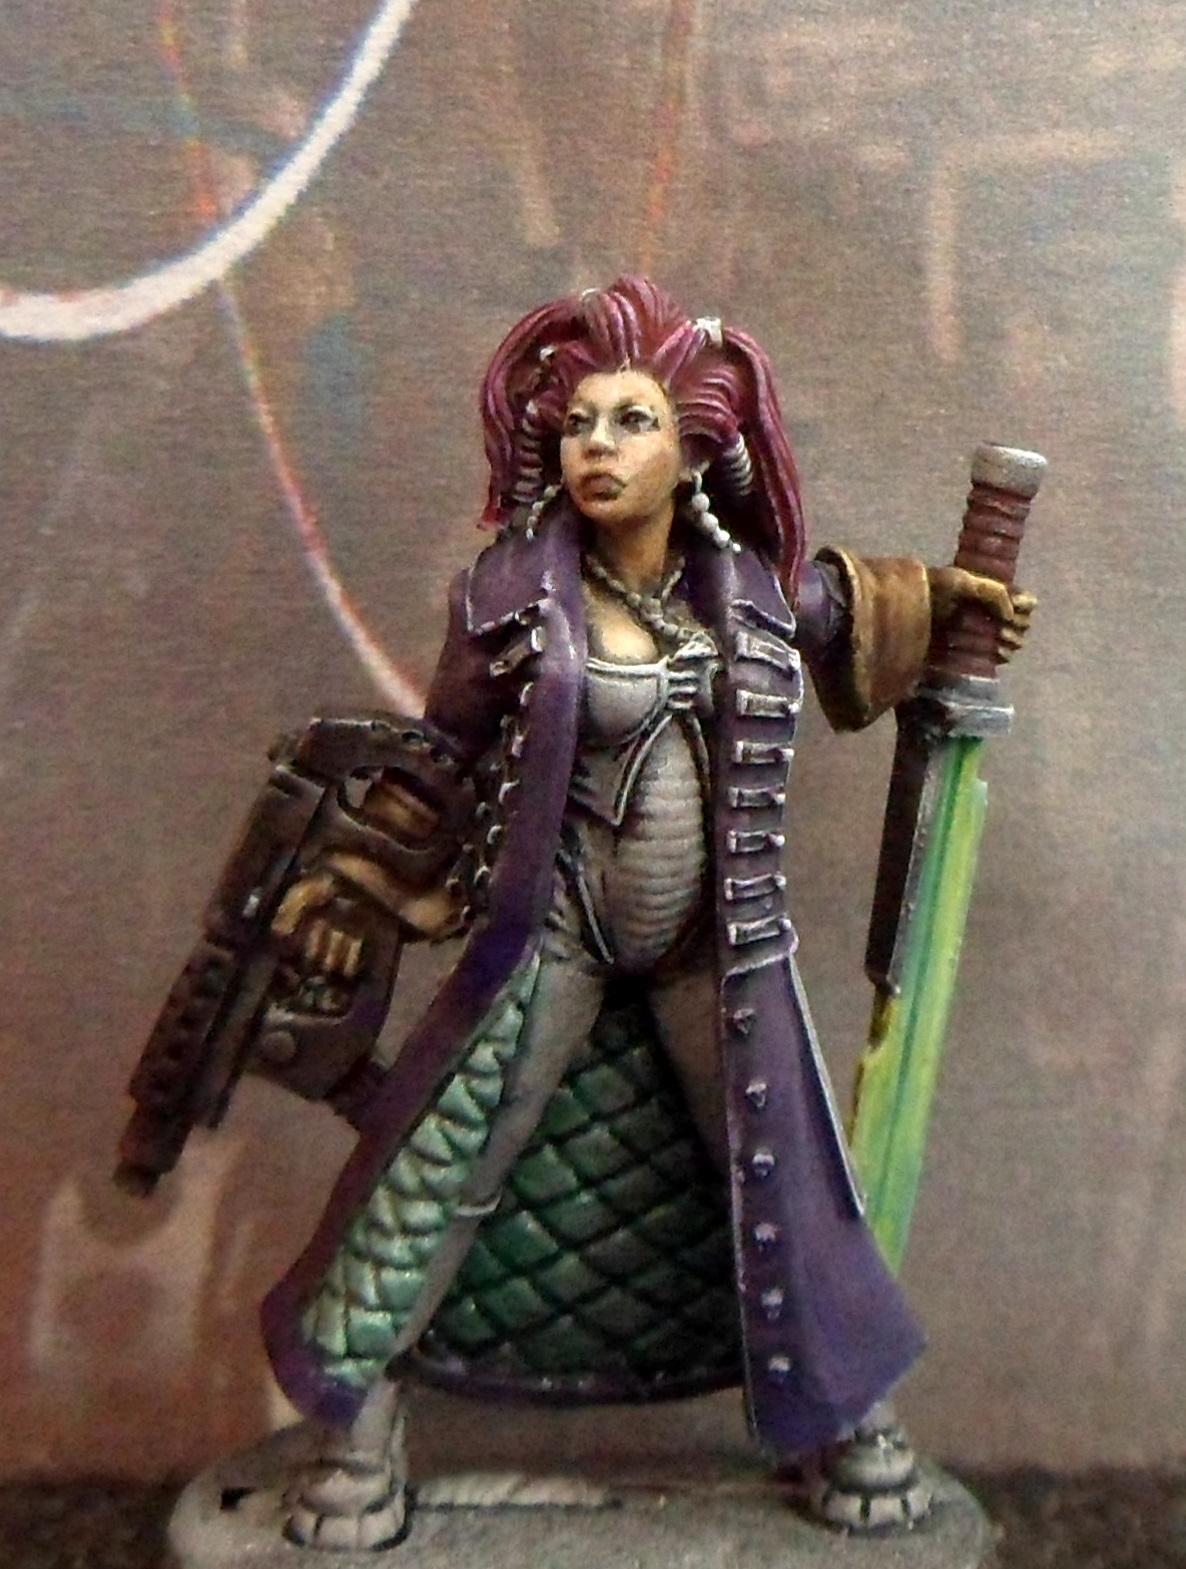 Female, Mercenary, Modern